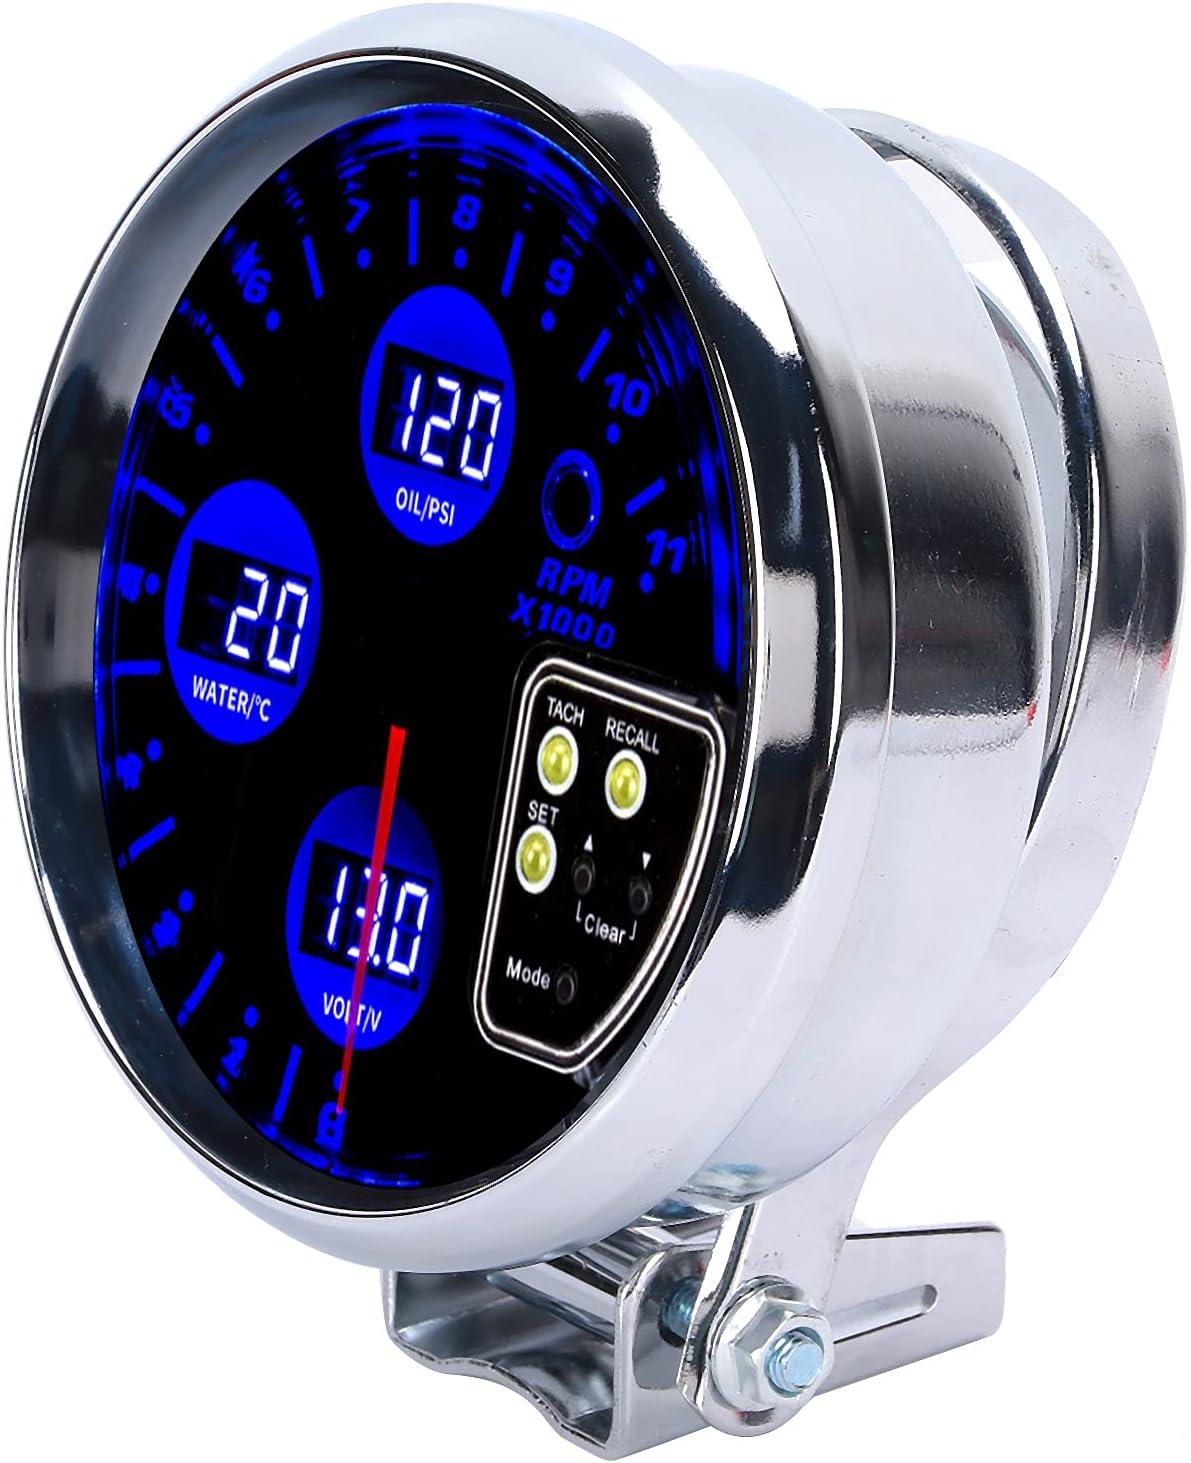 Medidor 4 en 1, puntero rojo con retroiluminación azul 5 en 4 en 1 medidor de presión de aceite de temperatura del agua voltímetro tacómetro para 12 V 4/6/8 cilindros